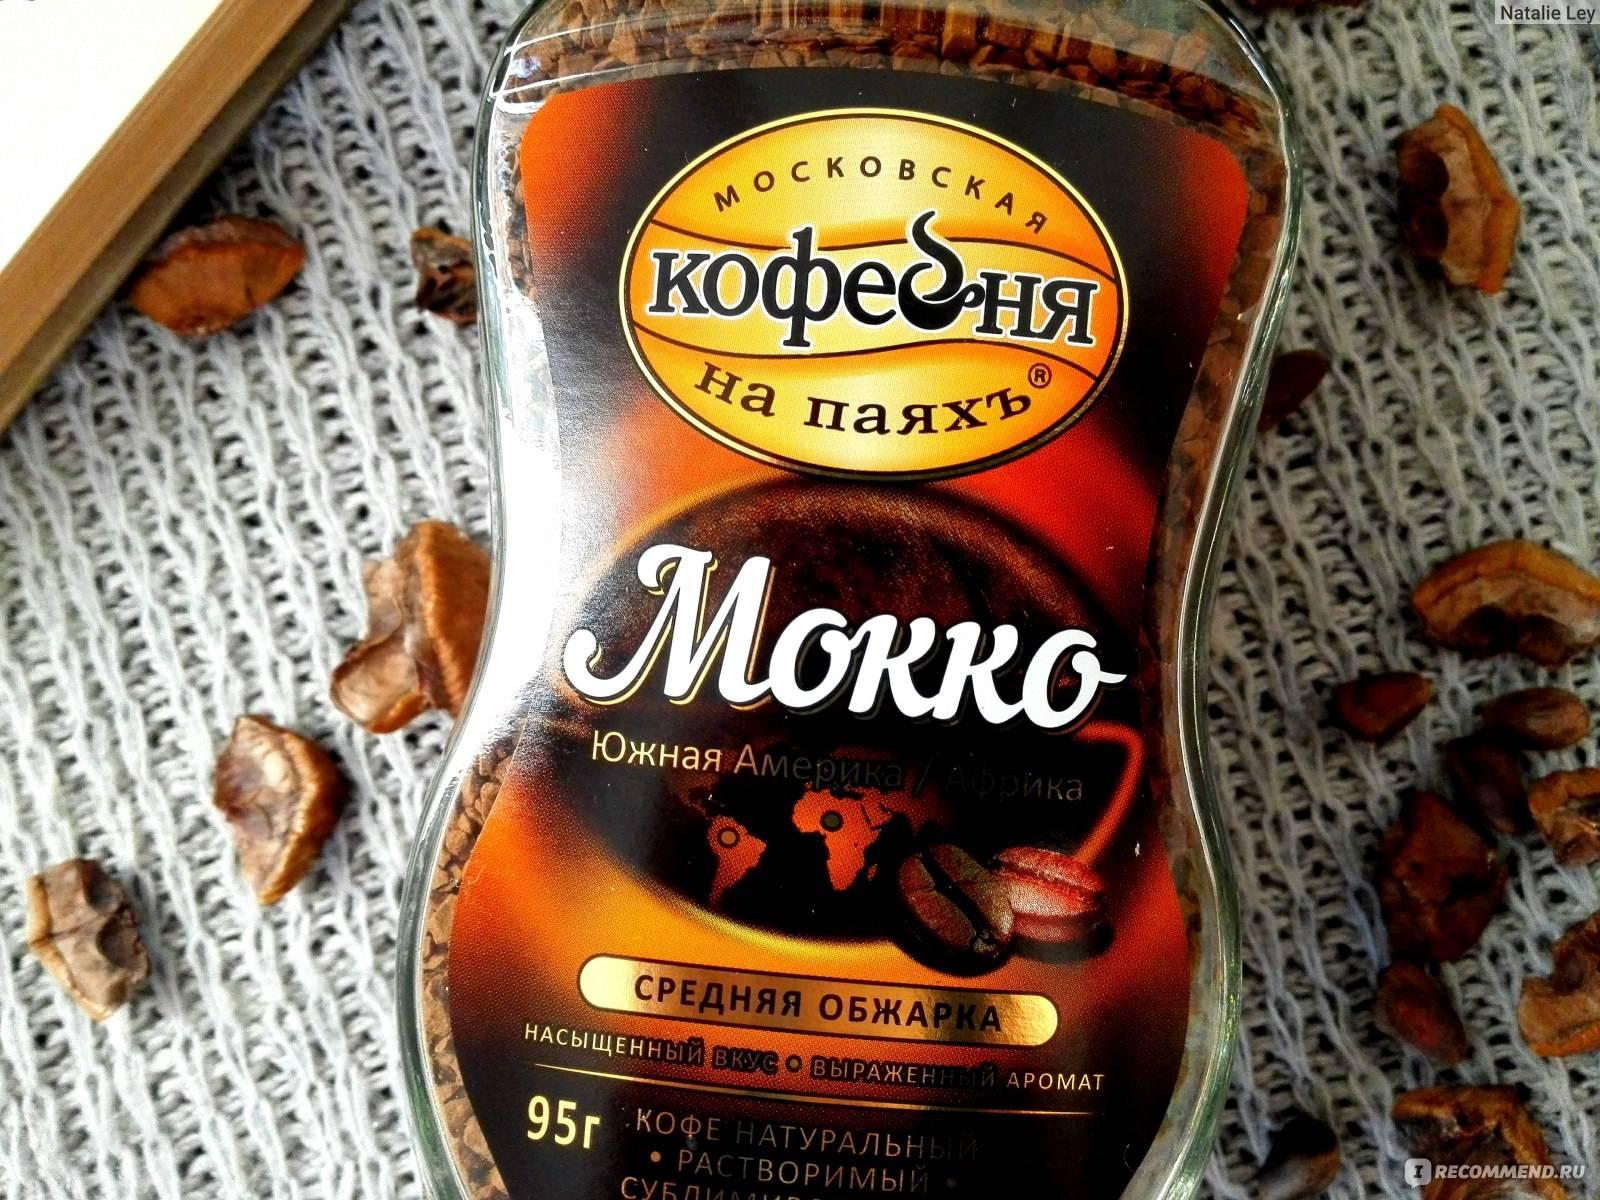 Официальный сайт «московская кофейня на паяхъ»